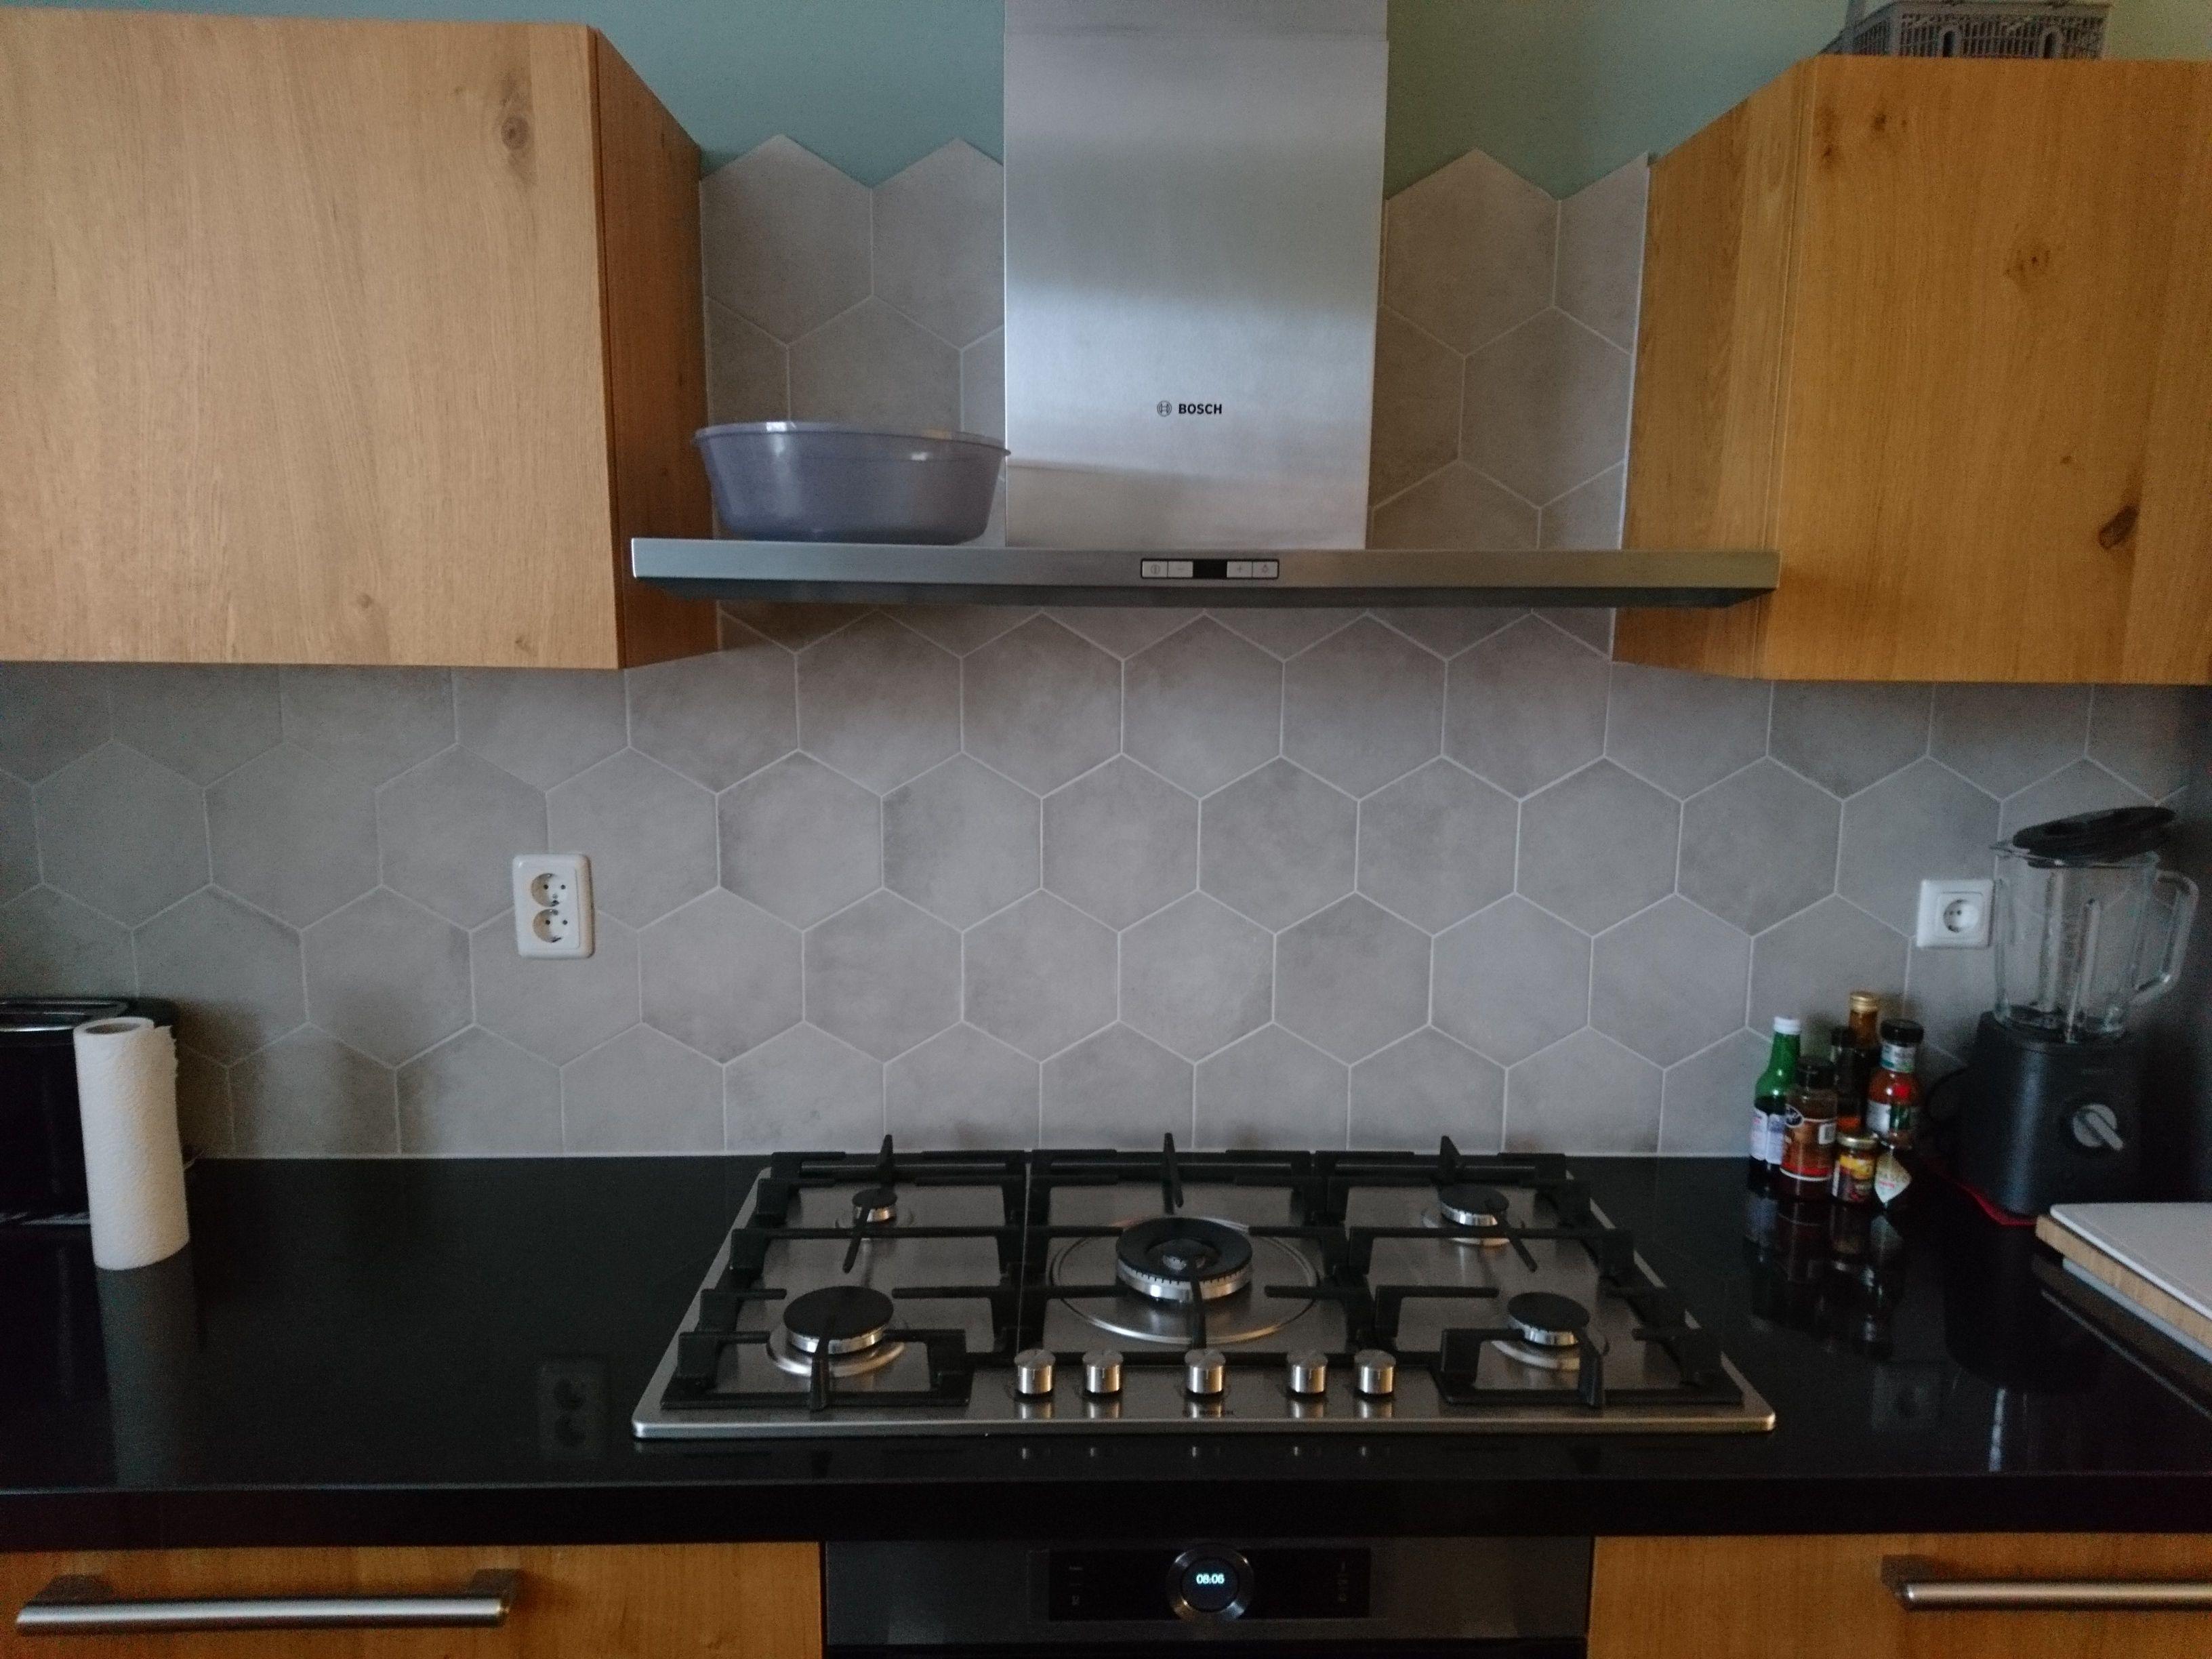 keuken tegels leiden : Inspiratie Deze Hexagon Tegel 00 Mk 85 Cotton Is Hier Gebruikt